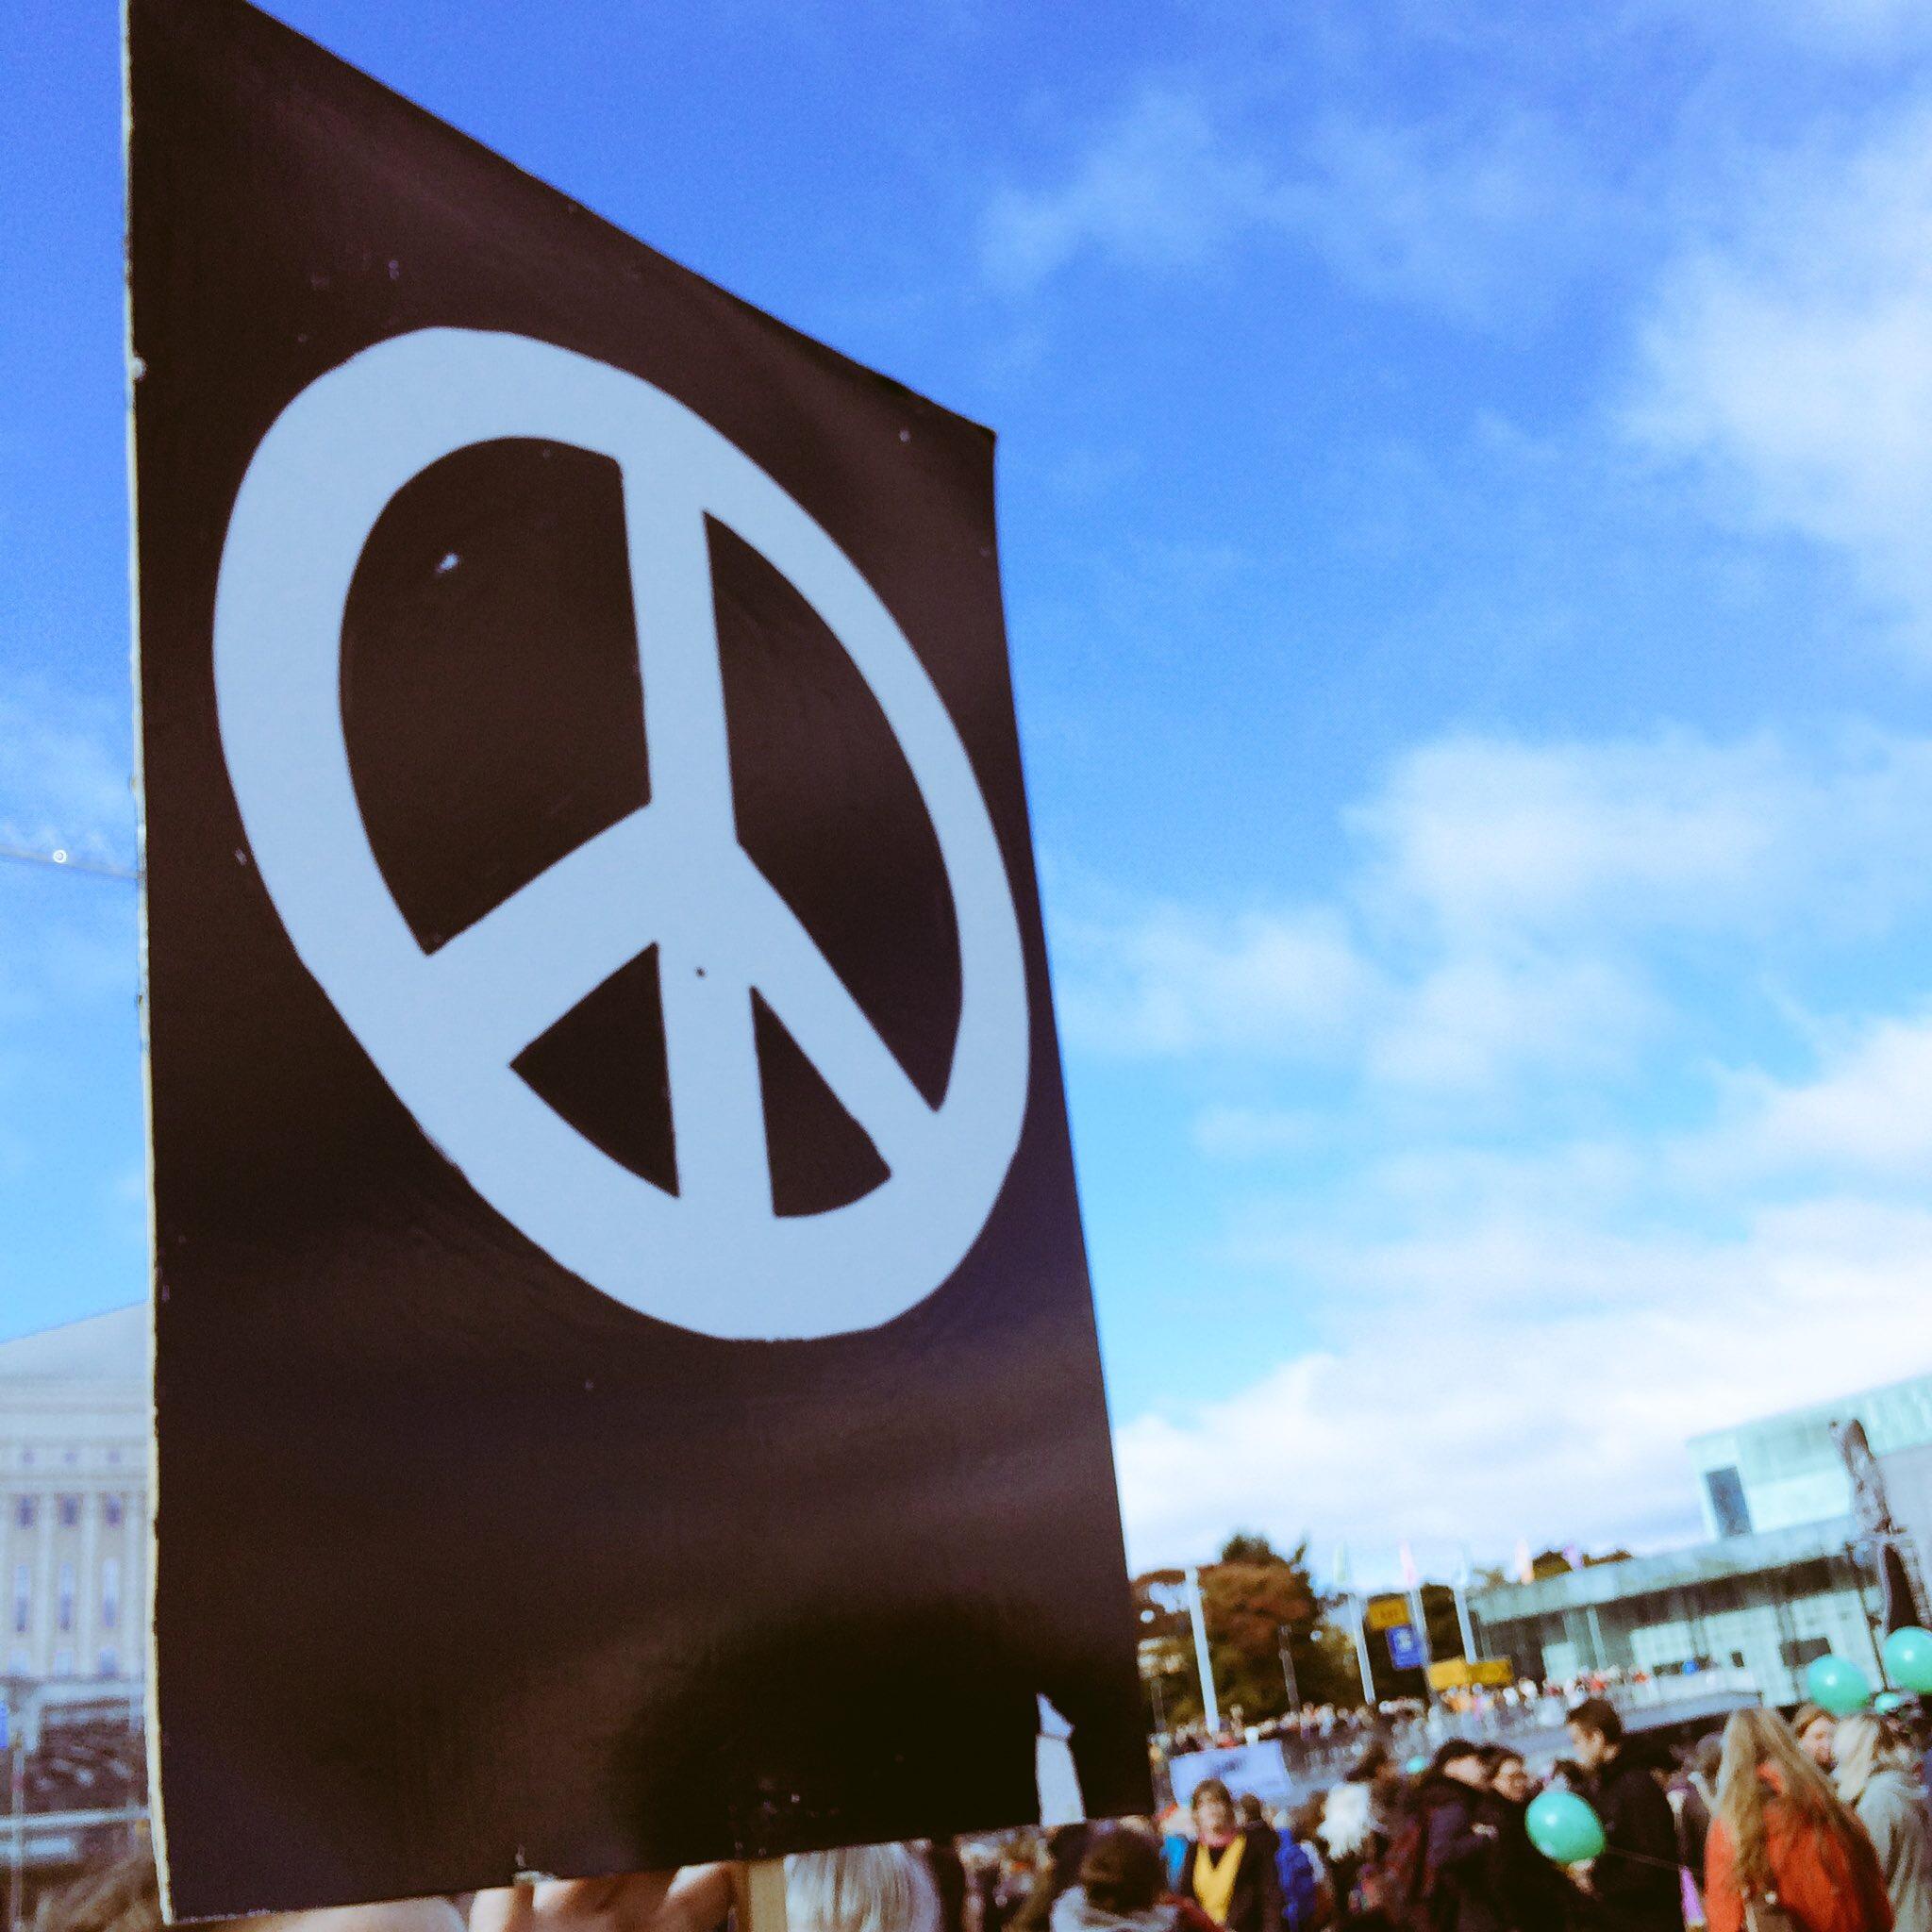 Rauhanmerkki-kyltti mielenosoituksessa